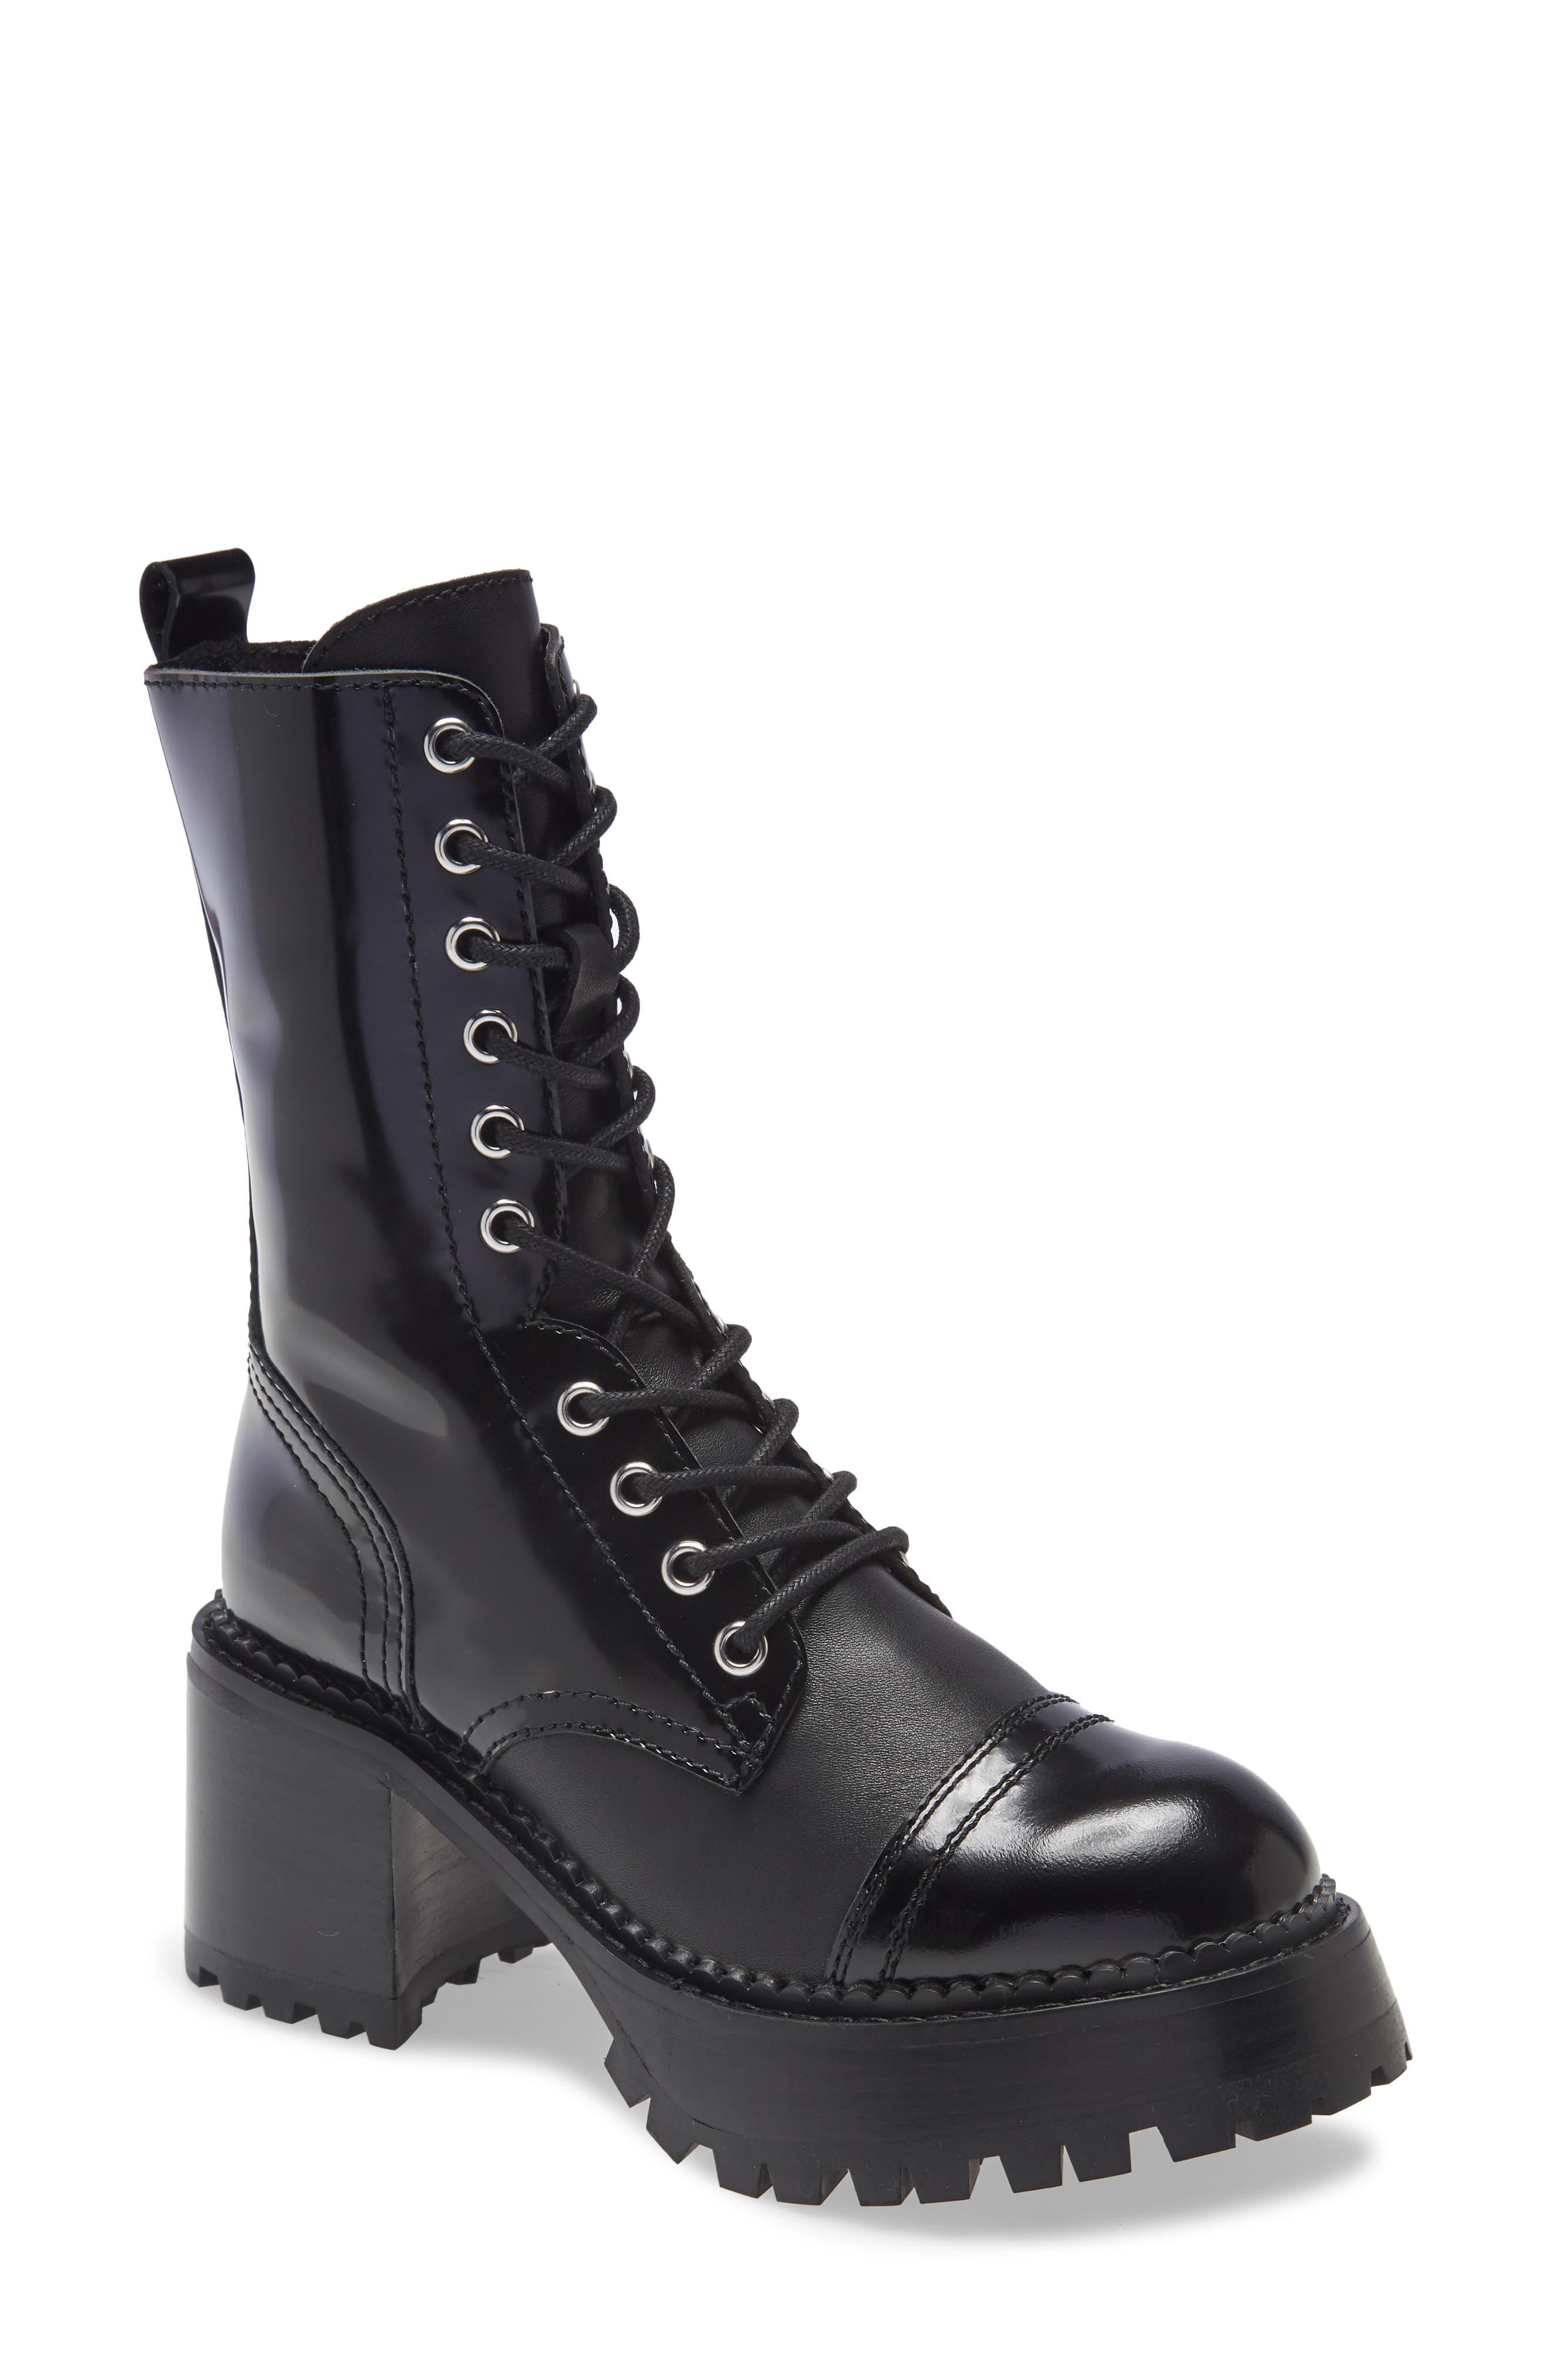 Locust Combat Boot